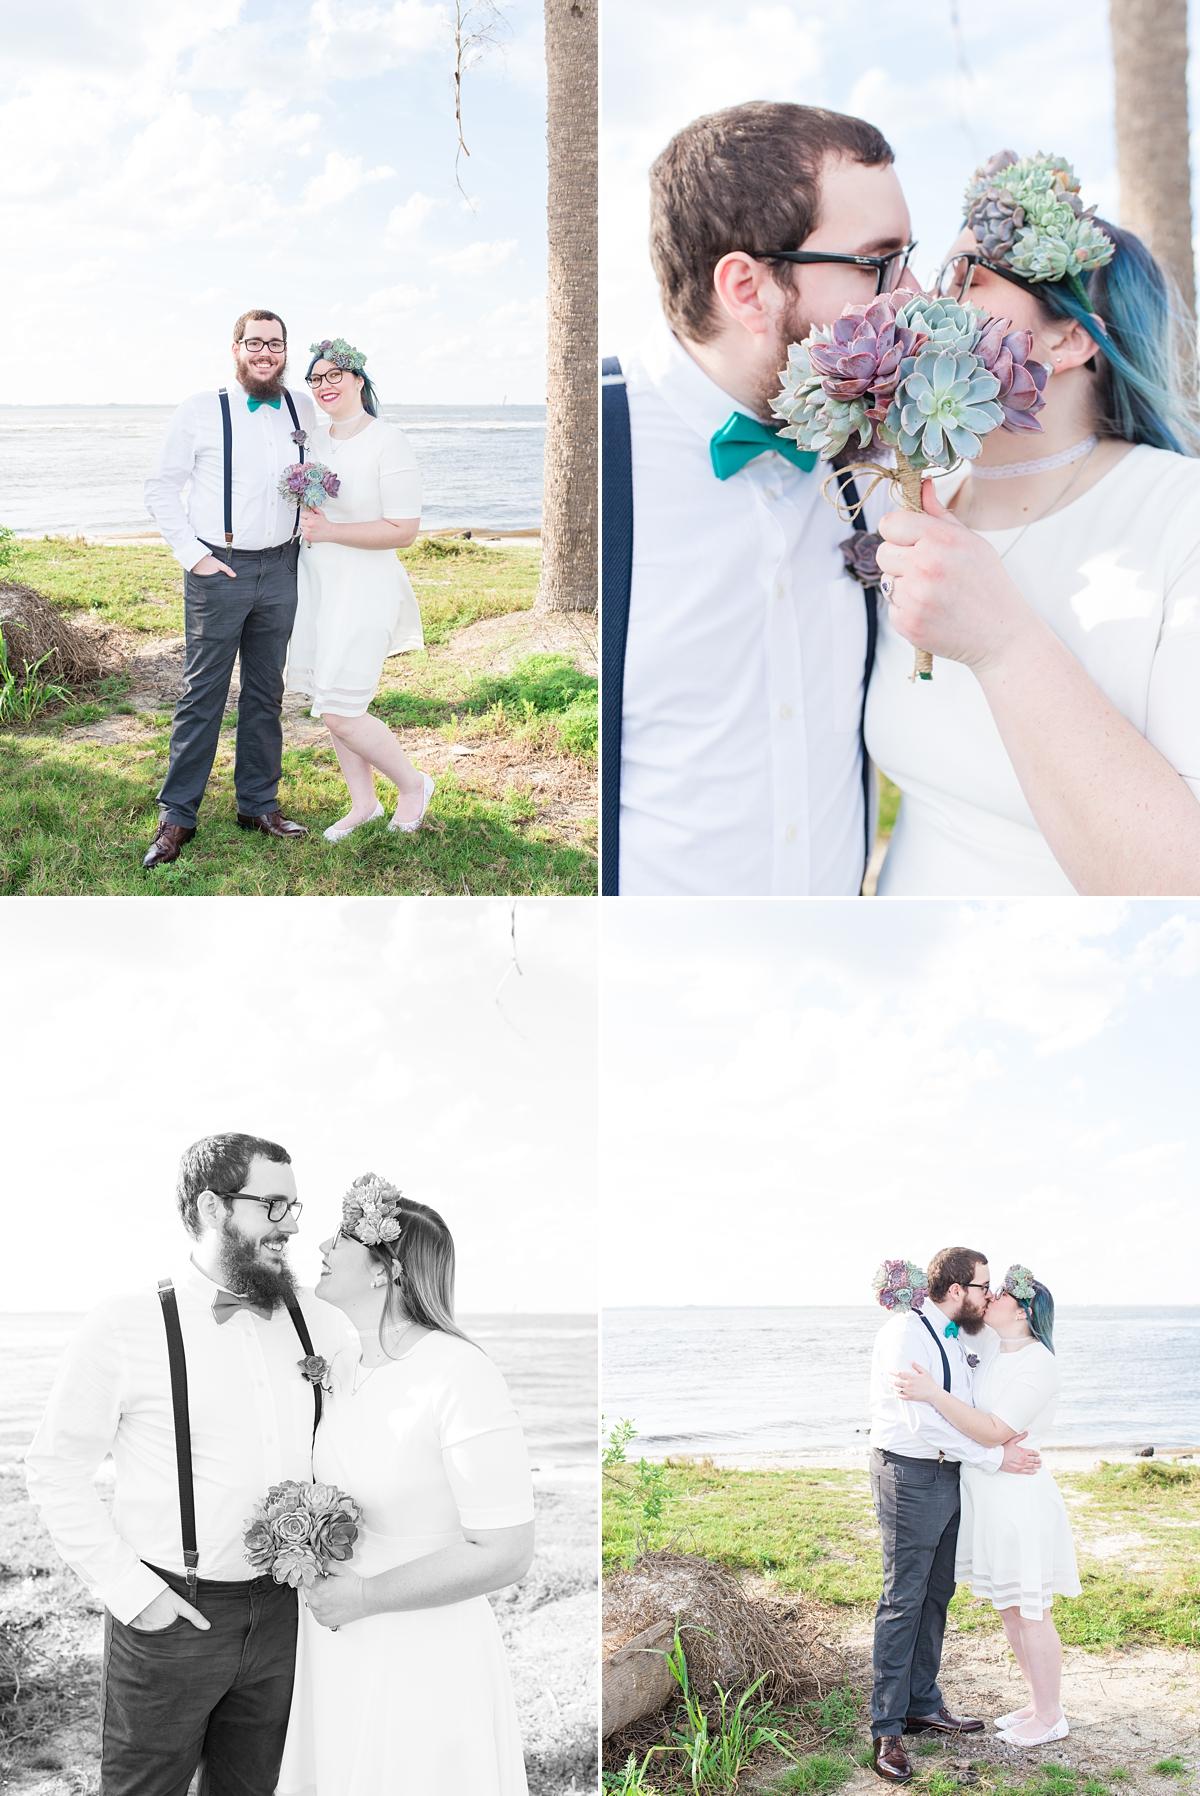 Titusville Florida Wedding_Elopement Photos_Blue Hair_Succulent Bouquet_Elopement Inspiration_24.jpg